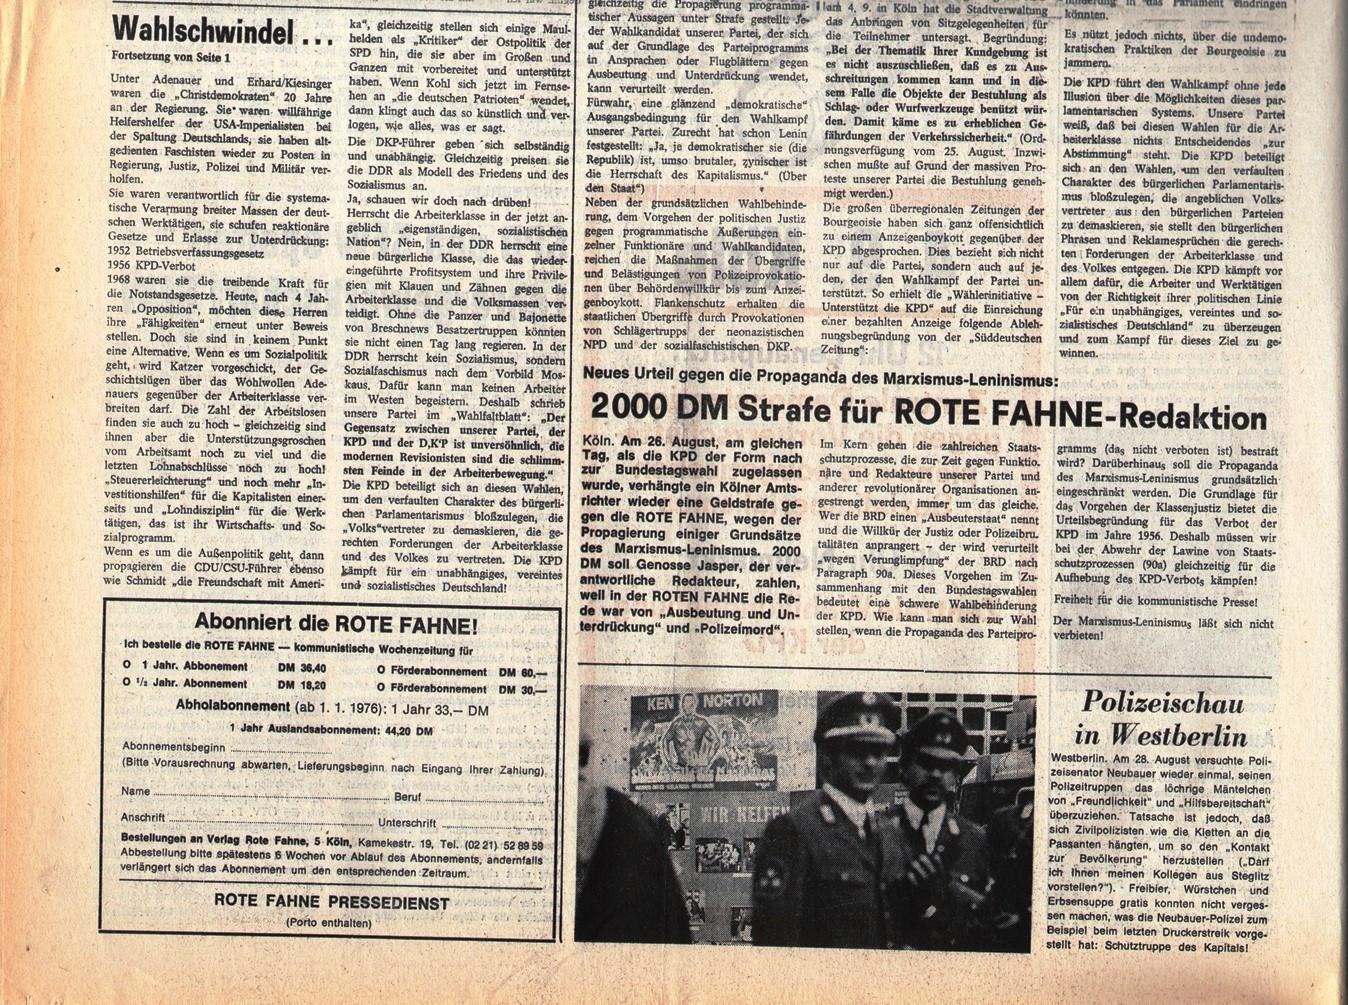 KPD_Rote_Fahne_1976_35_04